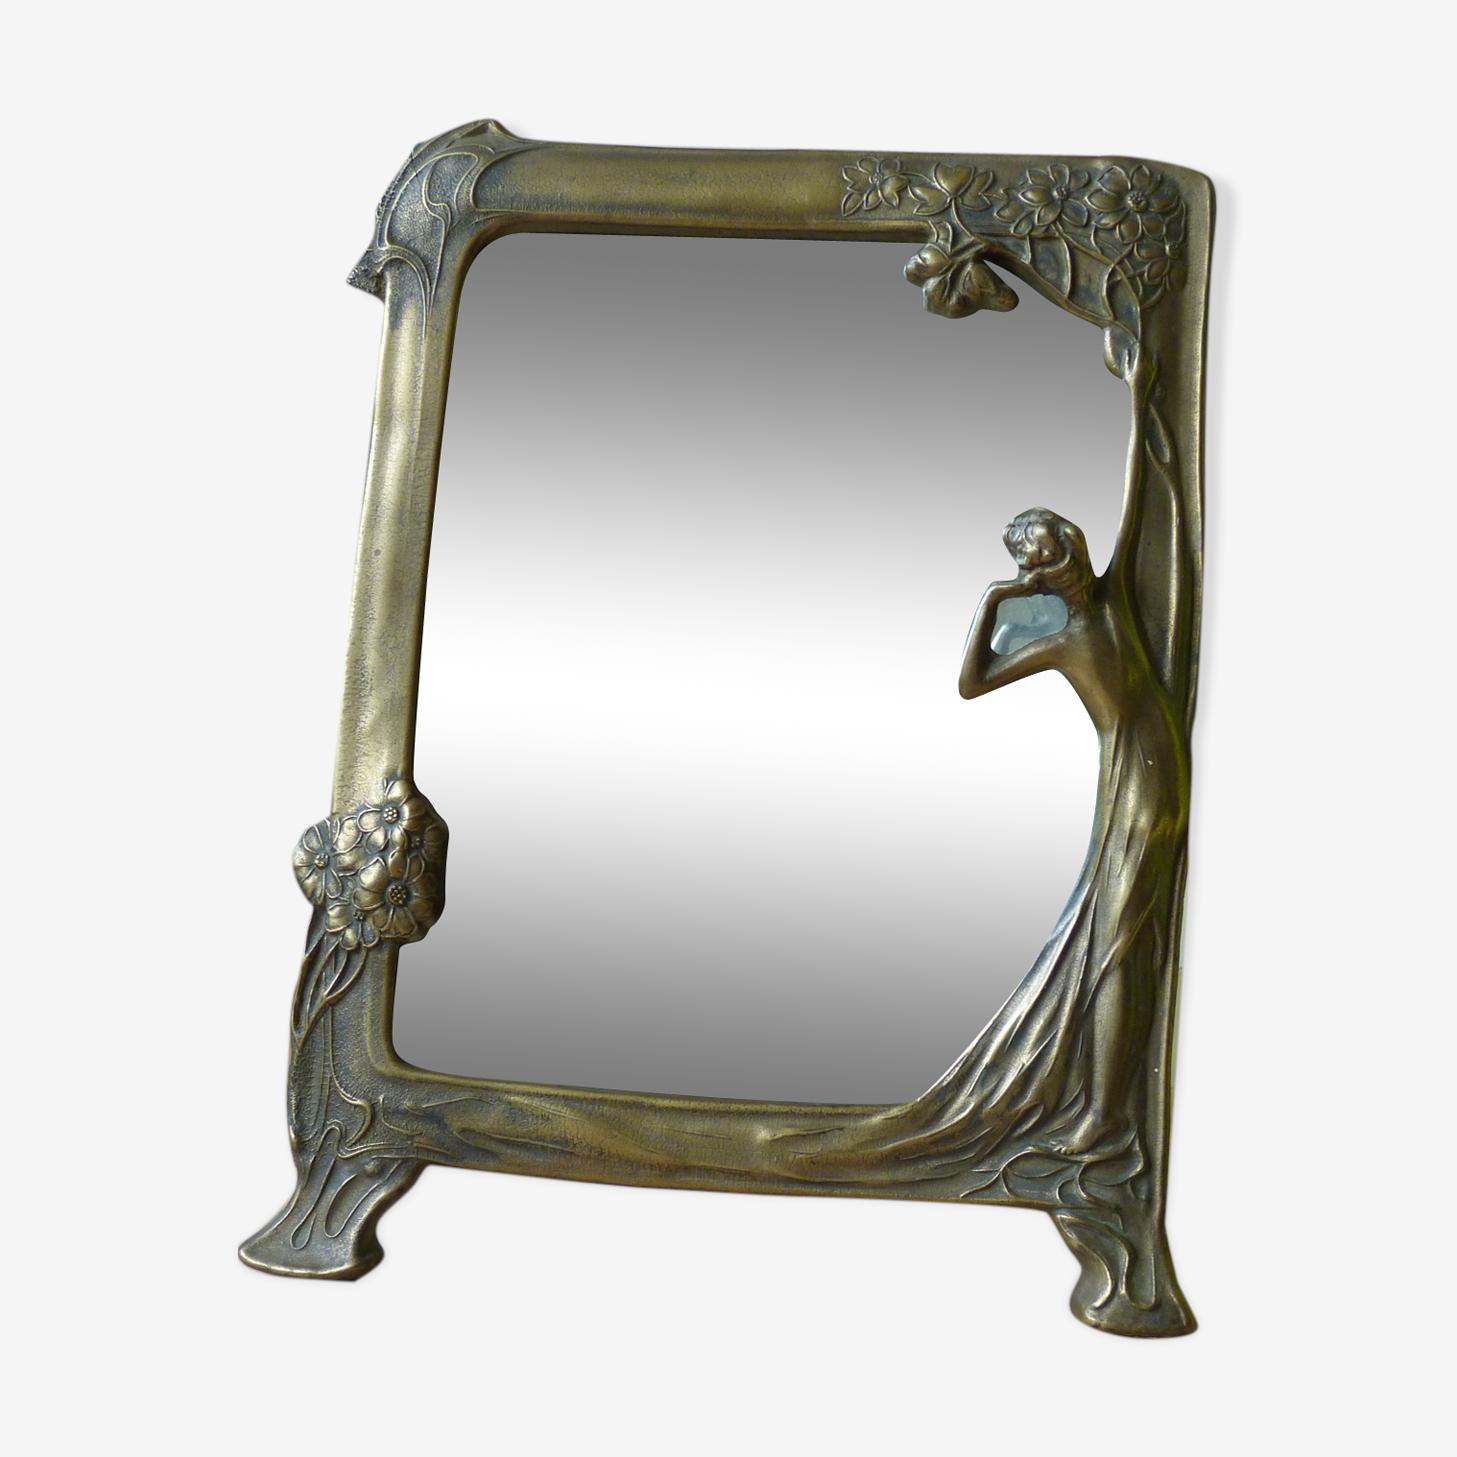 Miroir art nouveau 1900 en laiton doré décor nymphe 22,5 X 18cm